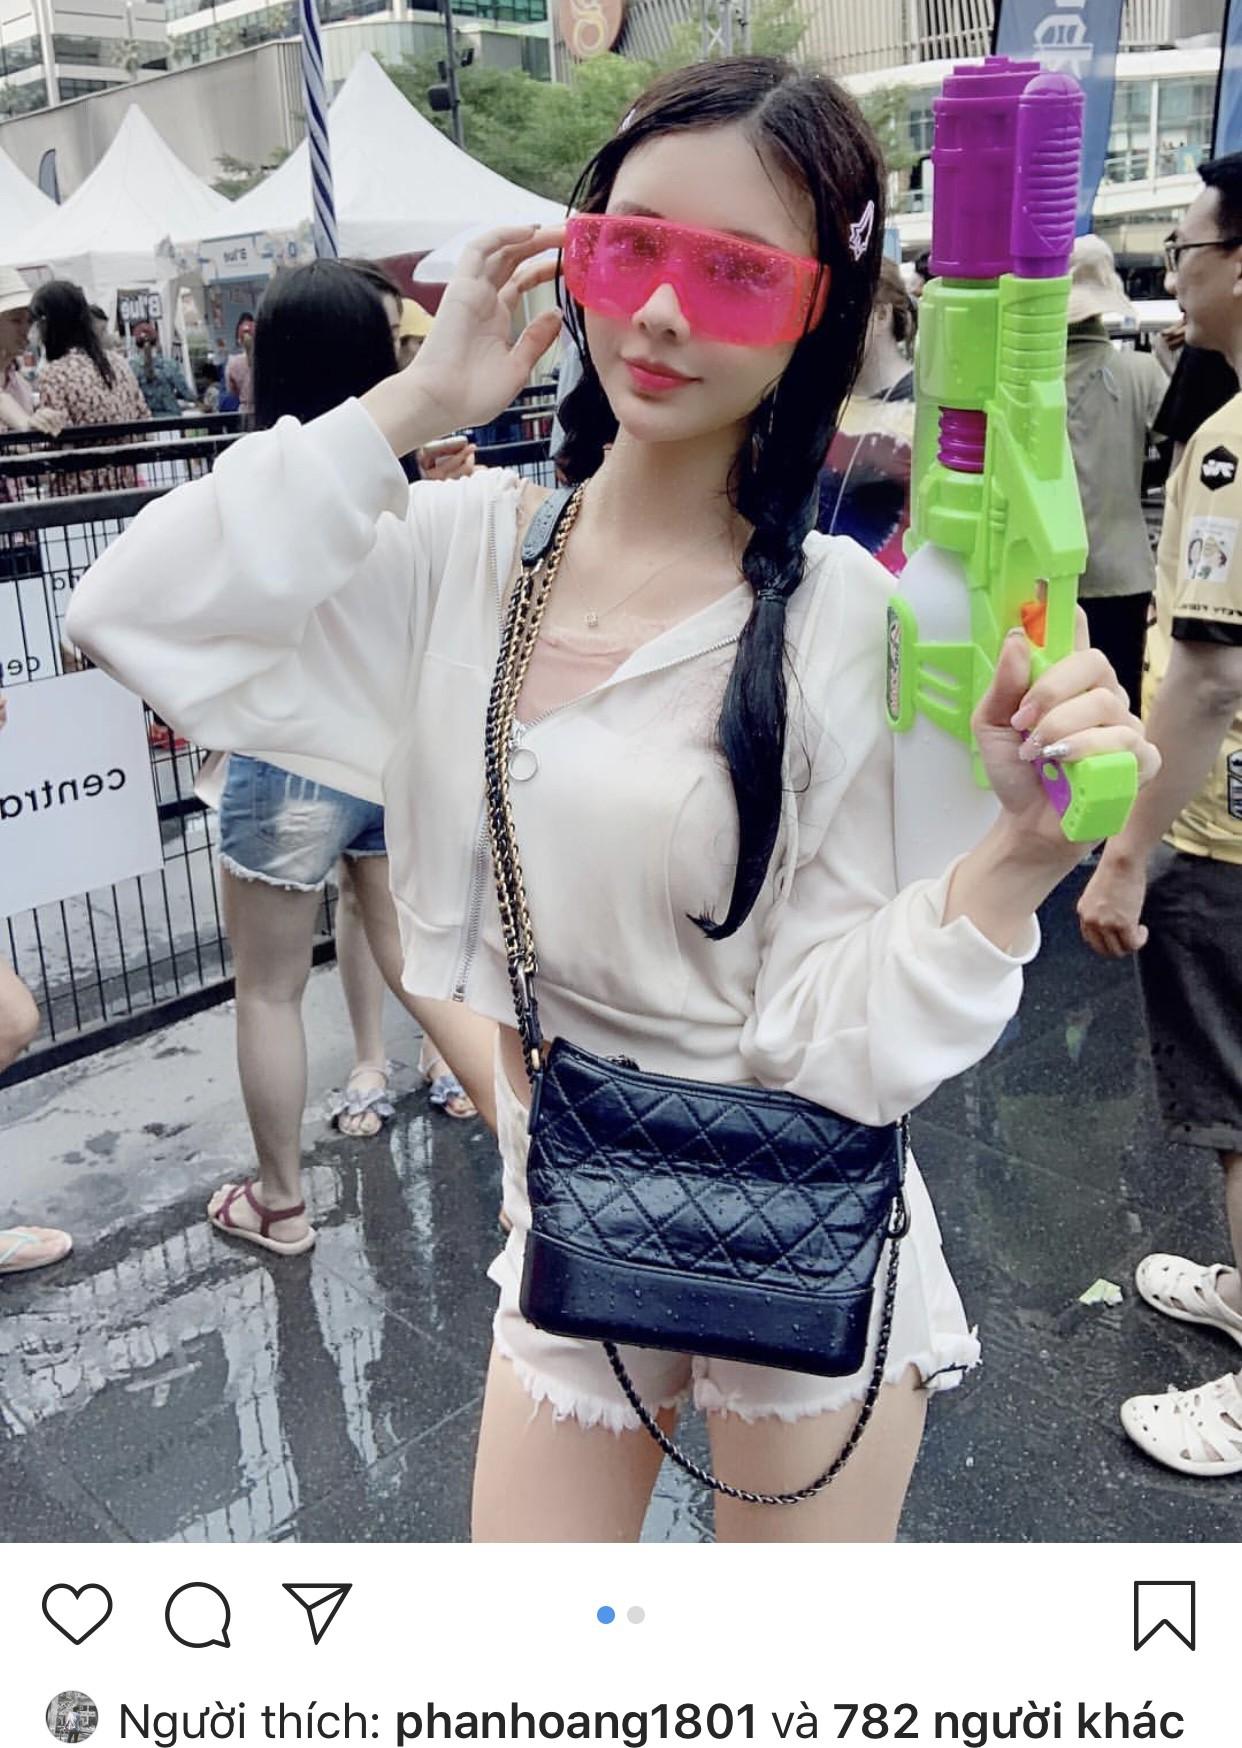 Rộ tin thiếu gia Phan Hoàng có tình mới sau 20 ngày chia tay, thả tim ảnh người đẹp đều như vắt chanh - Ảnh 4.